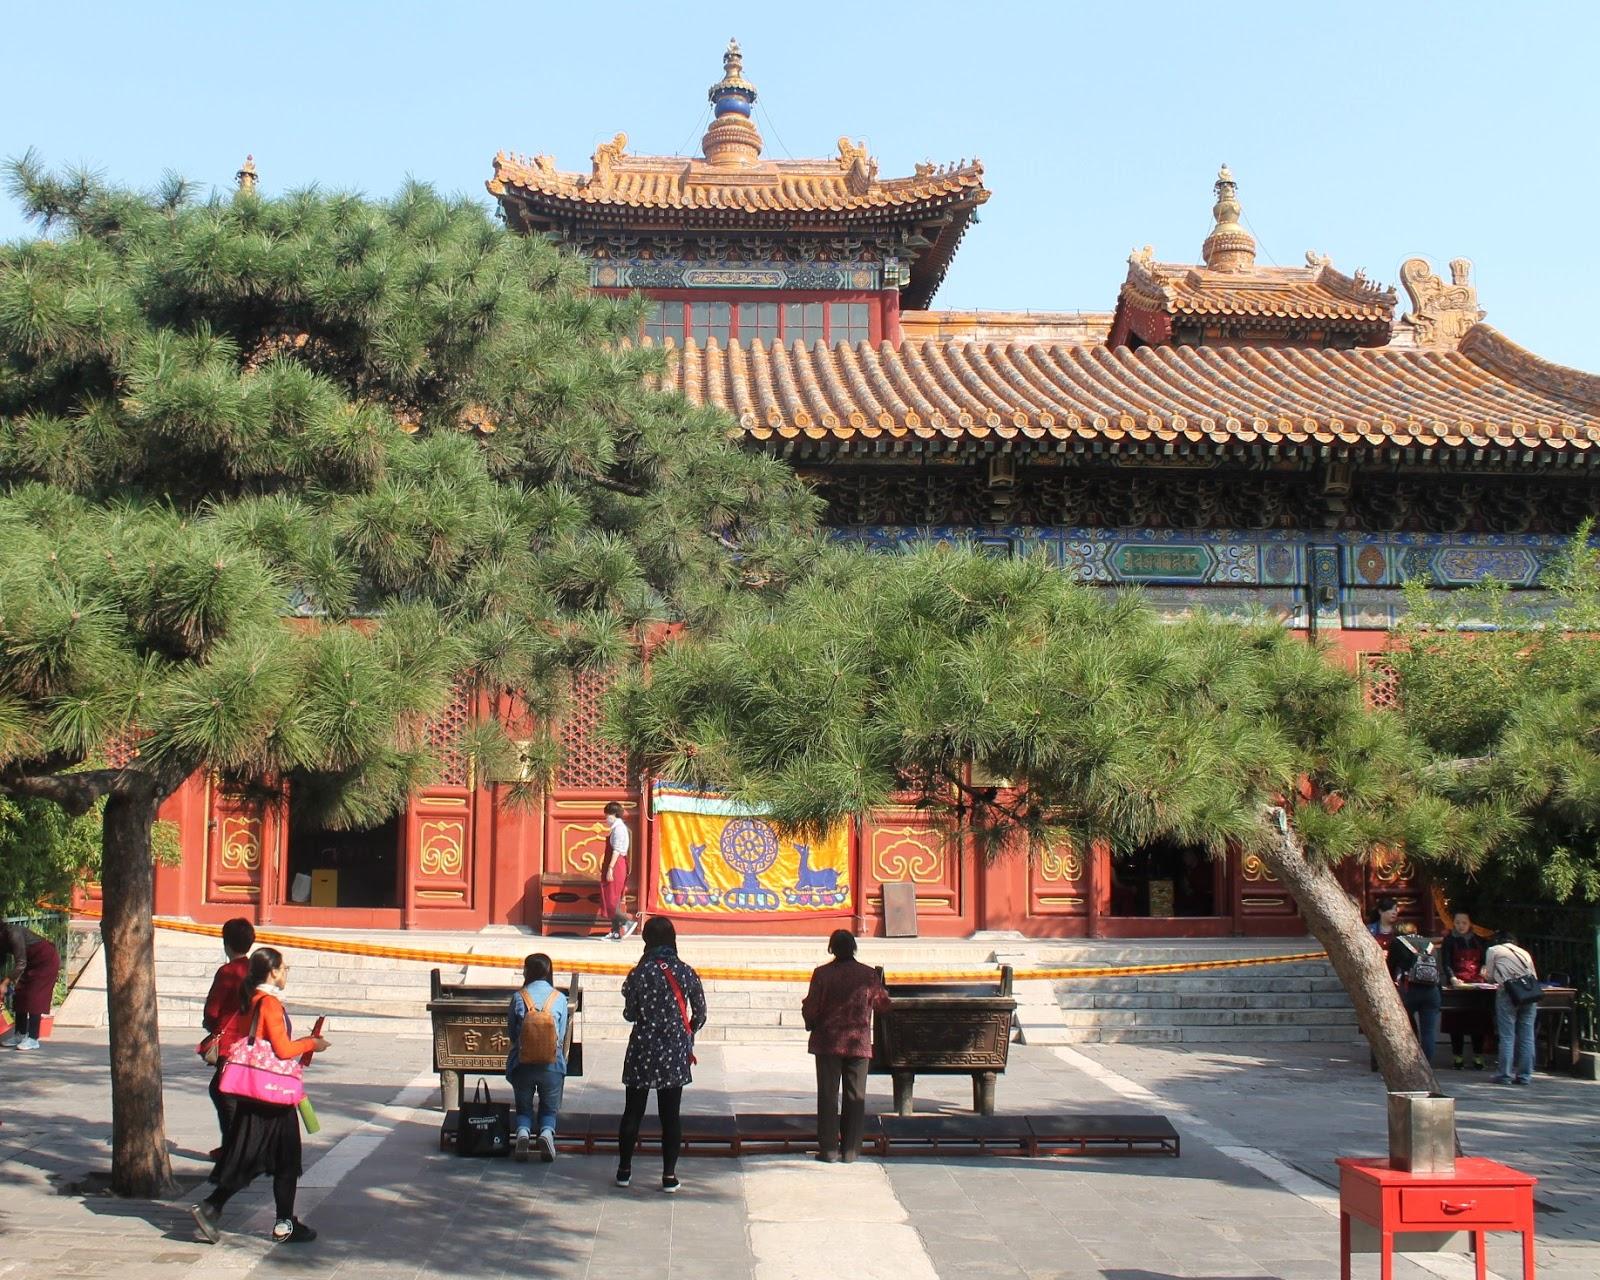 tempio del lama pechino cina